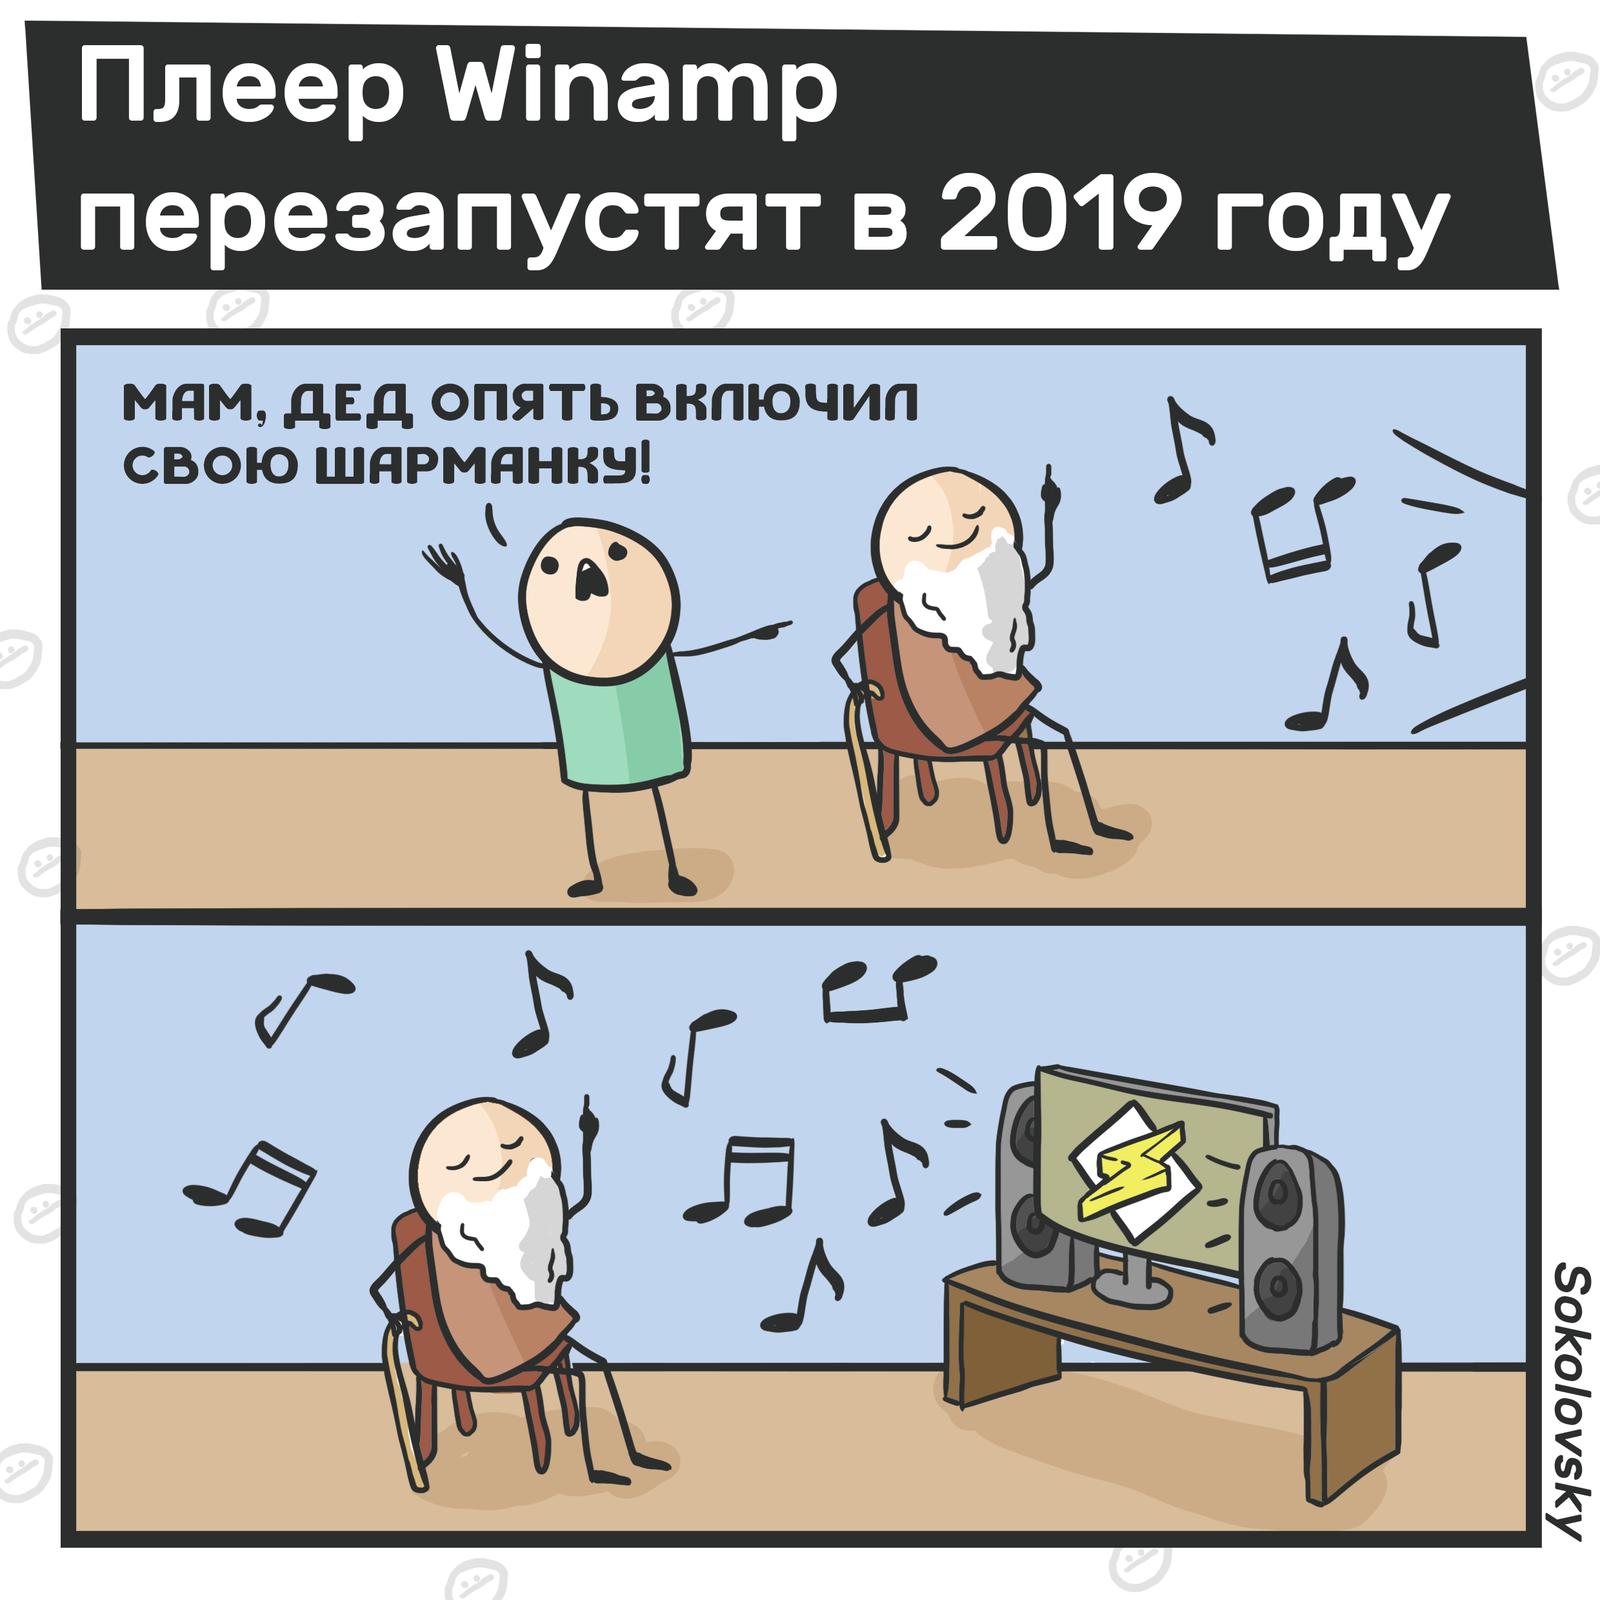 Winamp, плеер, комиксы